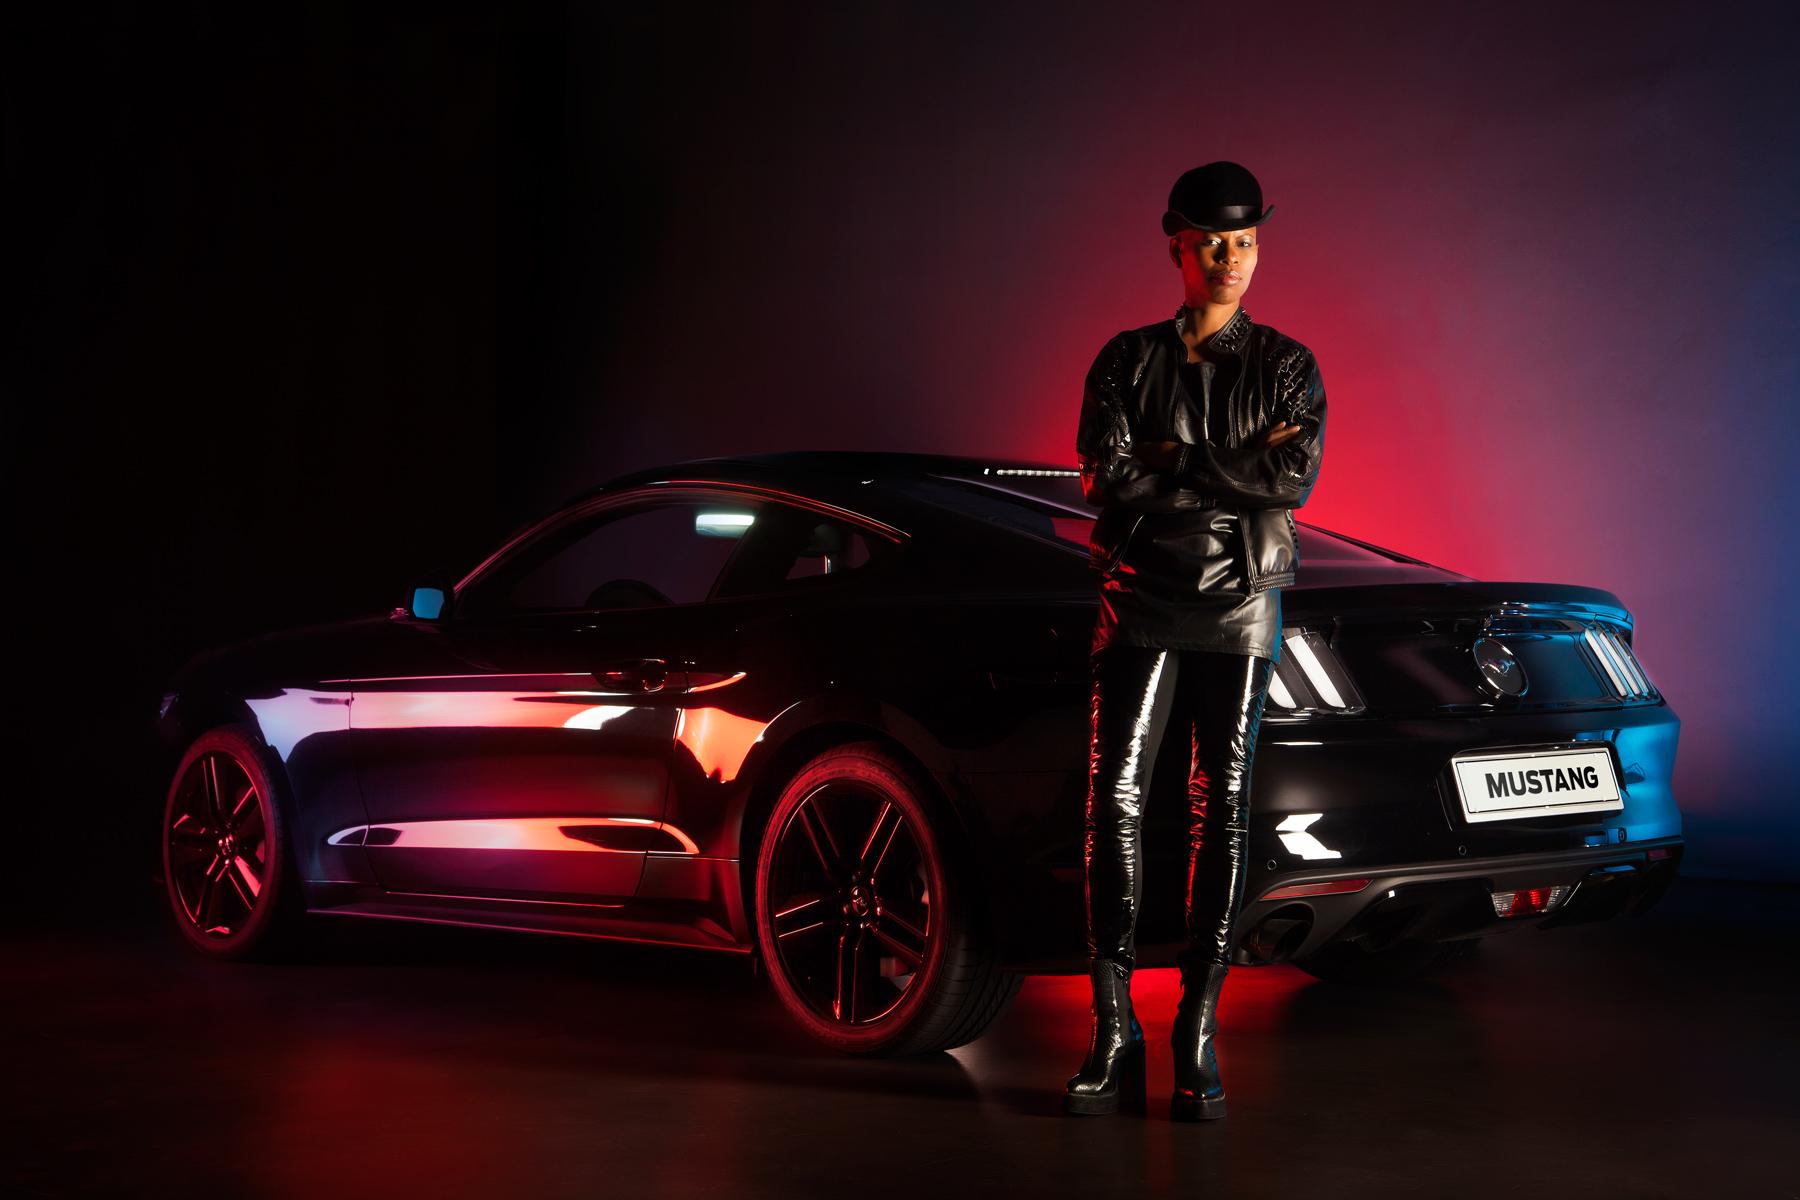 Skin e Ford Mustang unite nel nome del rock